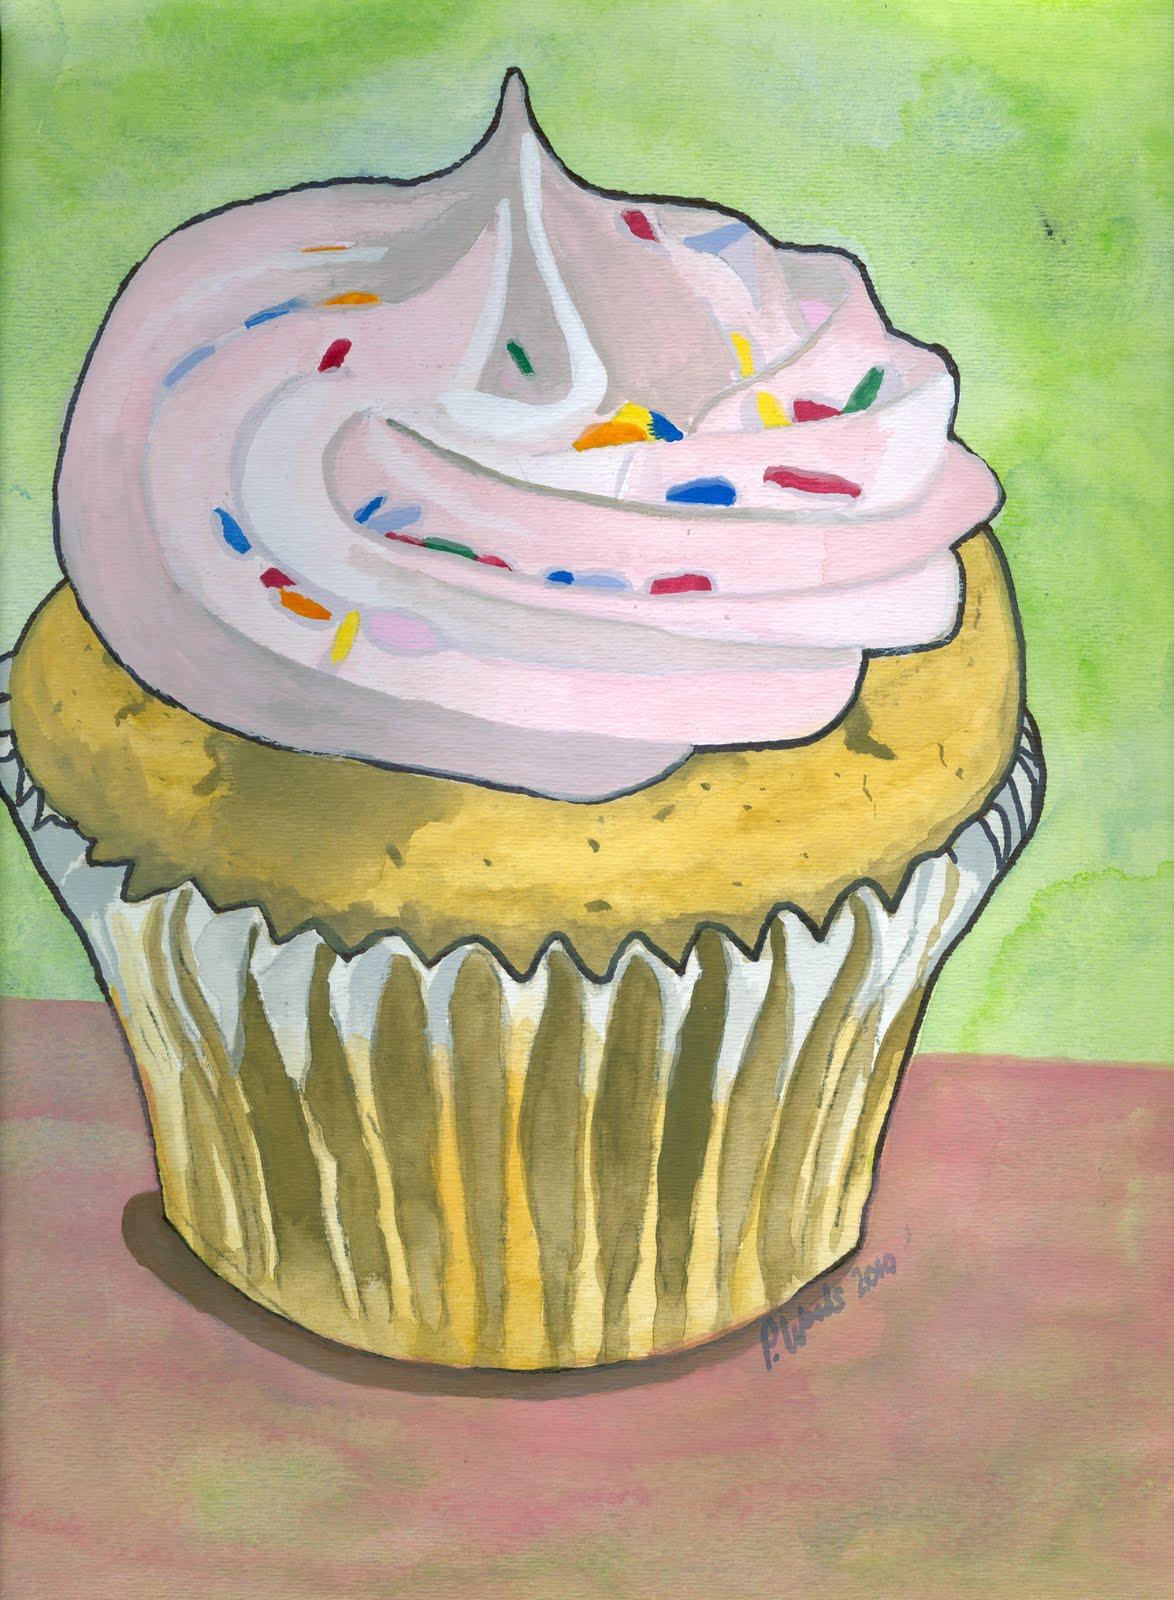 http://1.bp.blogspot.com/_aOJ7mhQNbuc/TNIi5S_7TcI/AAAAAAAACzU/RGiQKTh7NpM/s1600/pink+cupcake.jpg